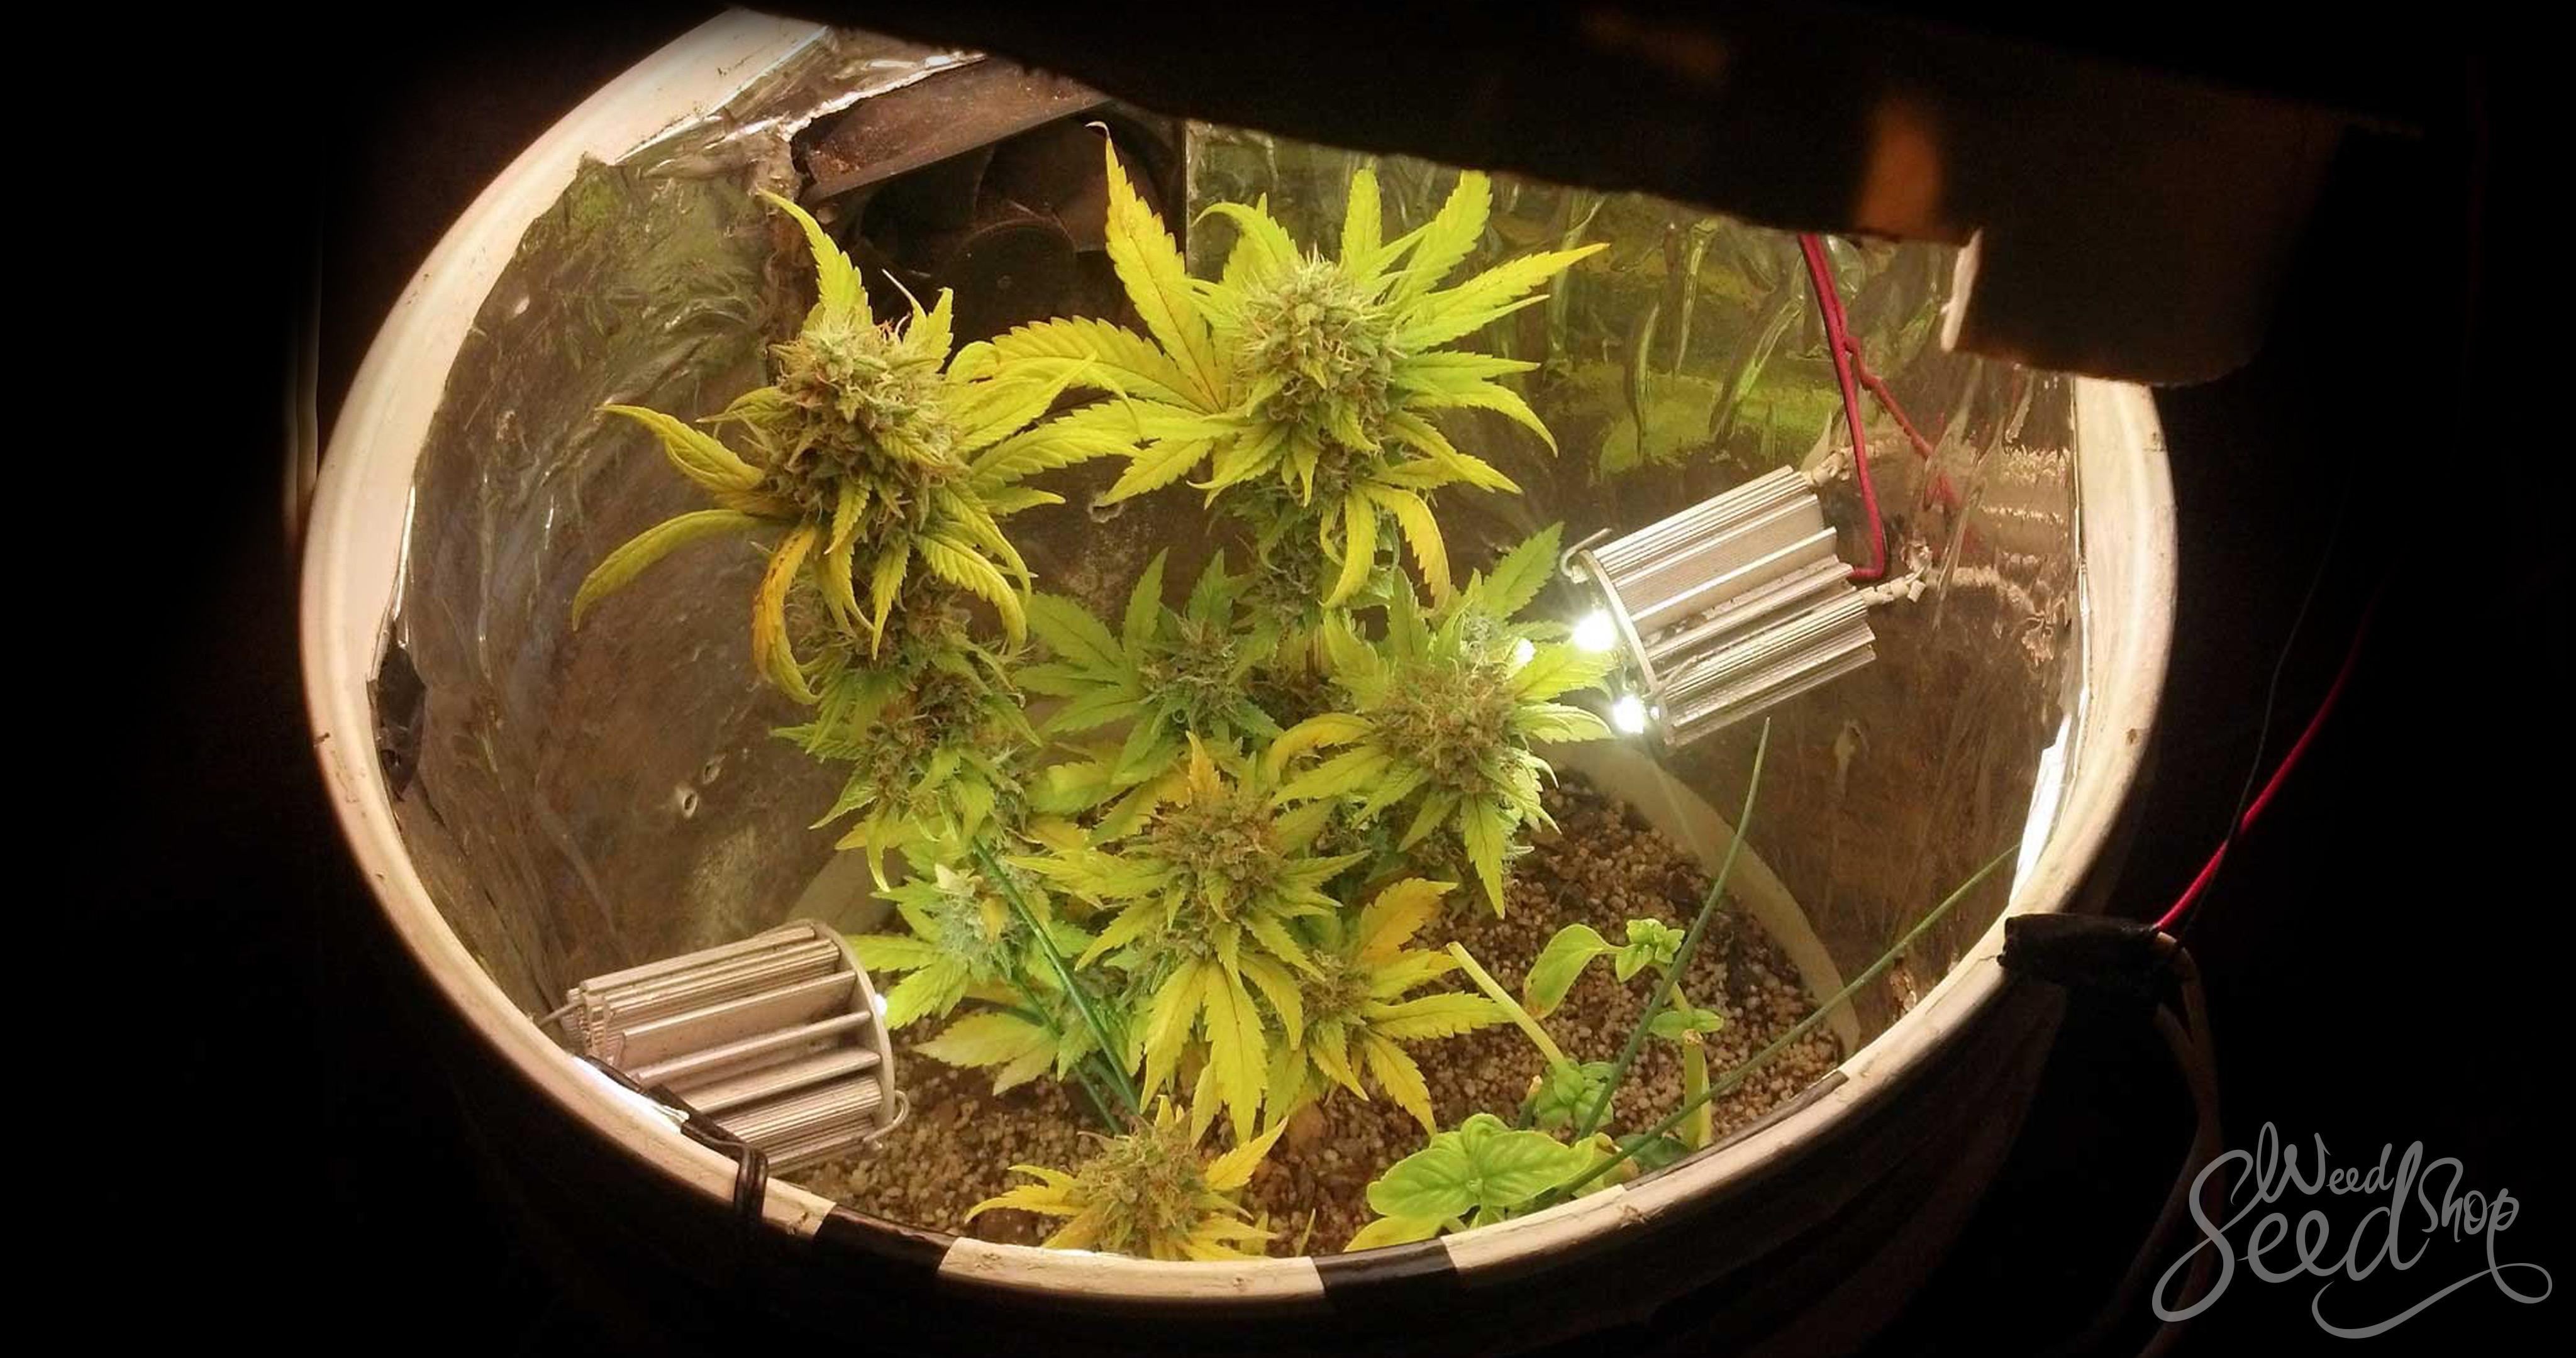 Cómo cultivar cannabis en espacios pequeños – WeedSeedShop Blog